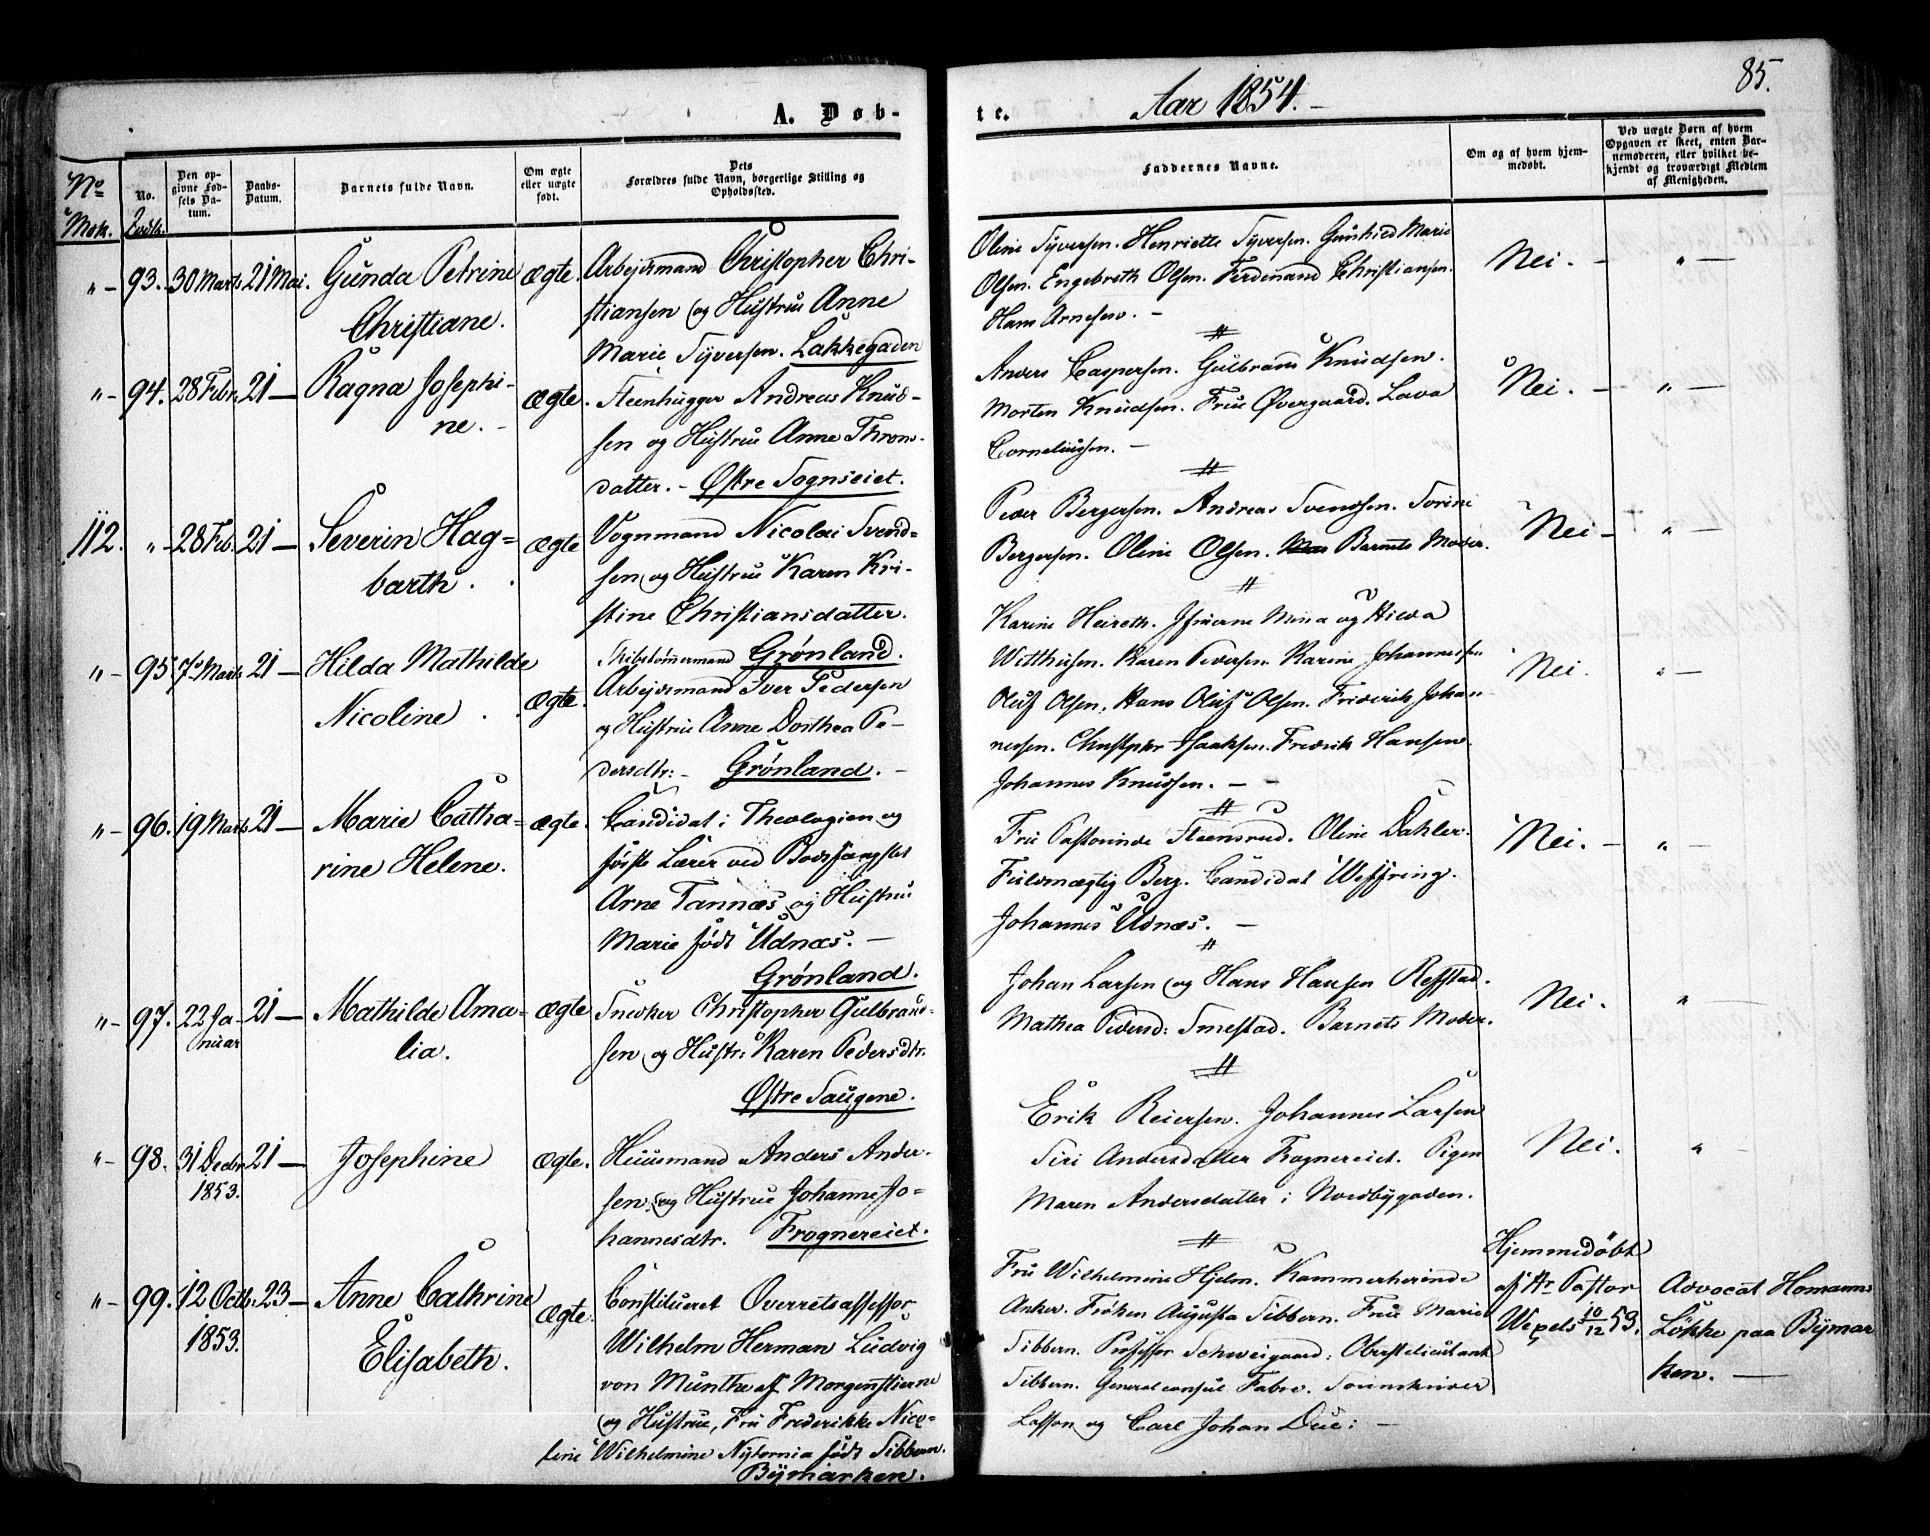 SAO, Aker prestekontor kirkebøker, F/L0020: Ministerialbok nr. 20, 1853-1857, s. 85